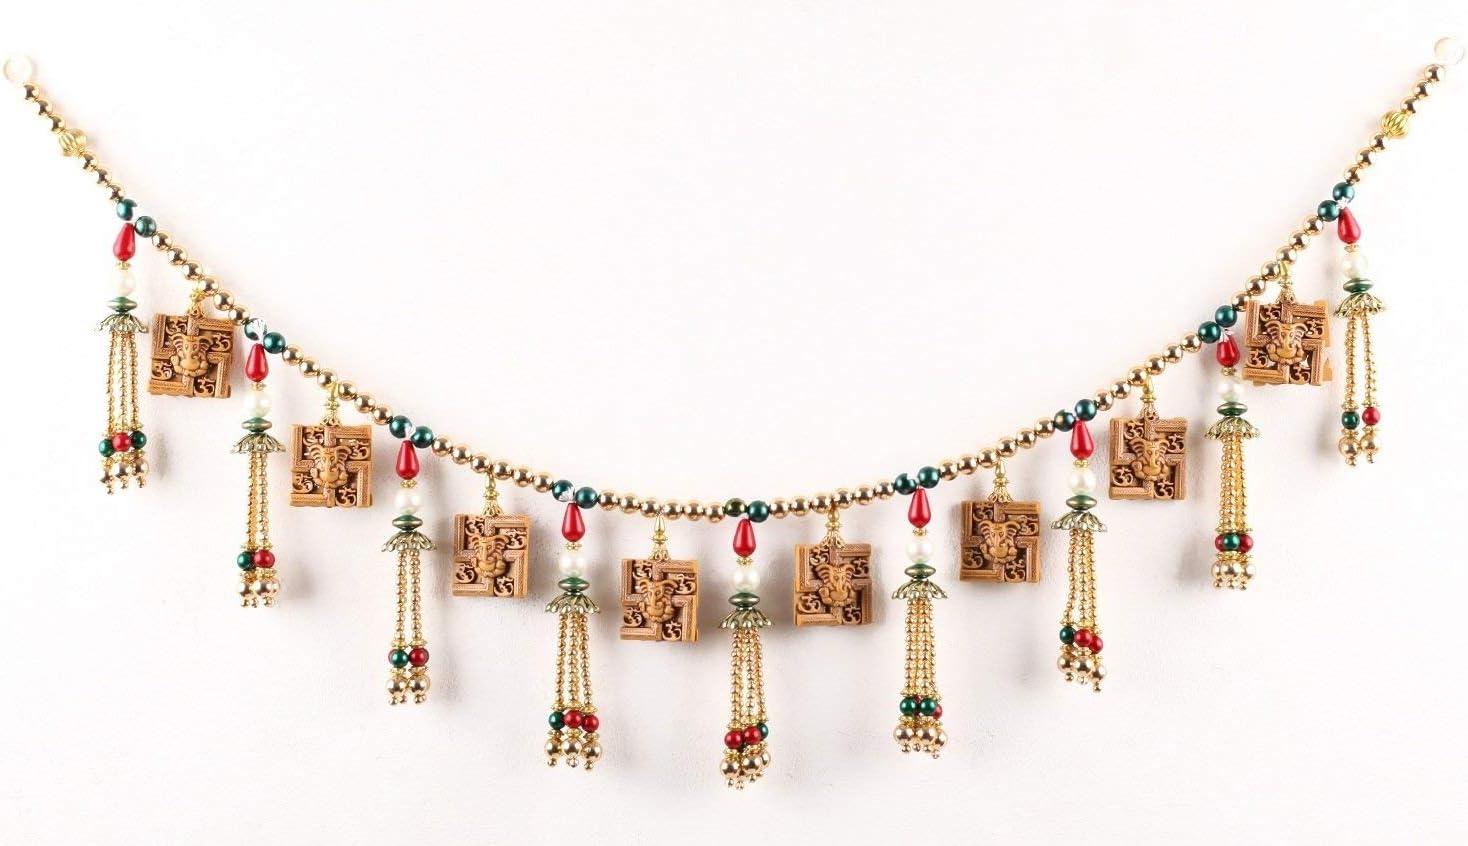 Itiha Multicolour Two Sided Ganesha,Hindu Swastika with Om Door Hanging Toran / Window Valance Diwali Gift Door Valance (3 feet)